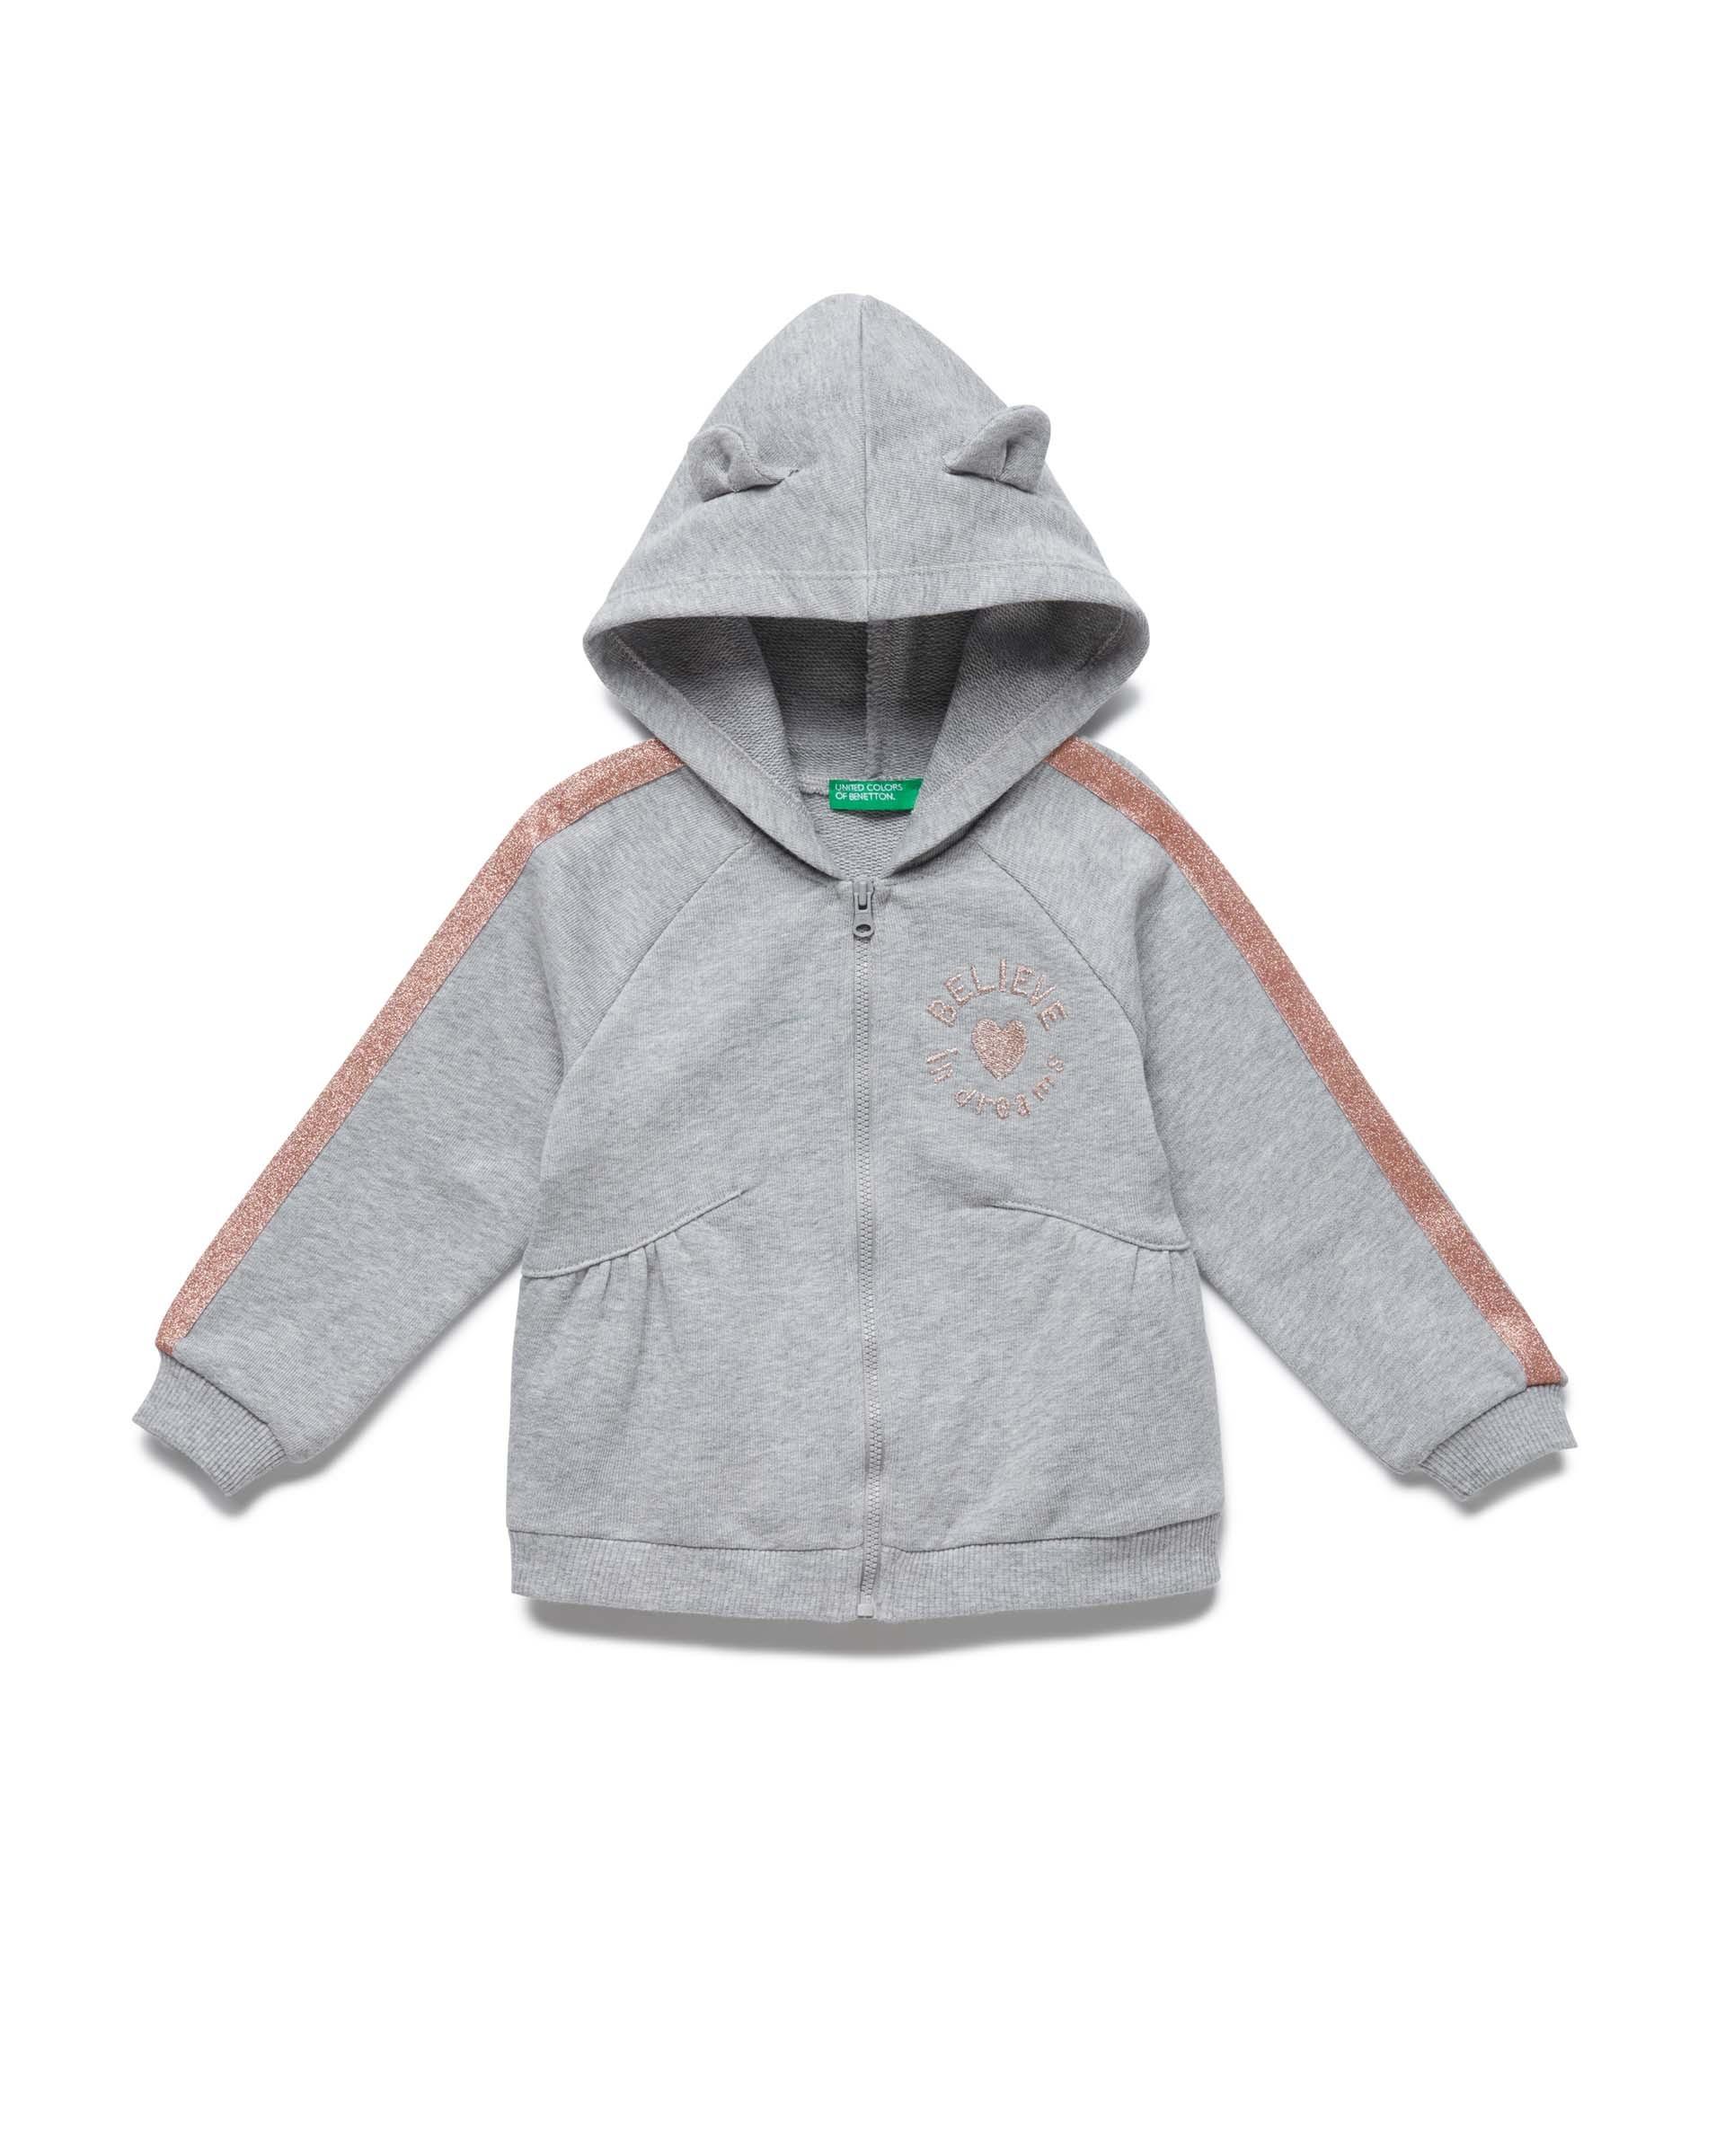 Купить 20P_3J68C52FP_501, Толстовка для девочек Benetton 3J68C52FP_501 р-р 80, United Colors of Benetton, Кофточки, футболки для новорожденных